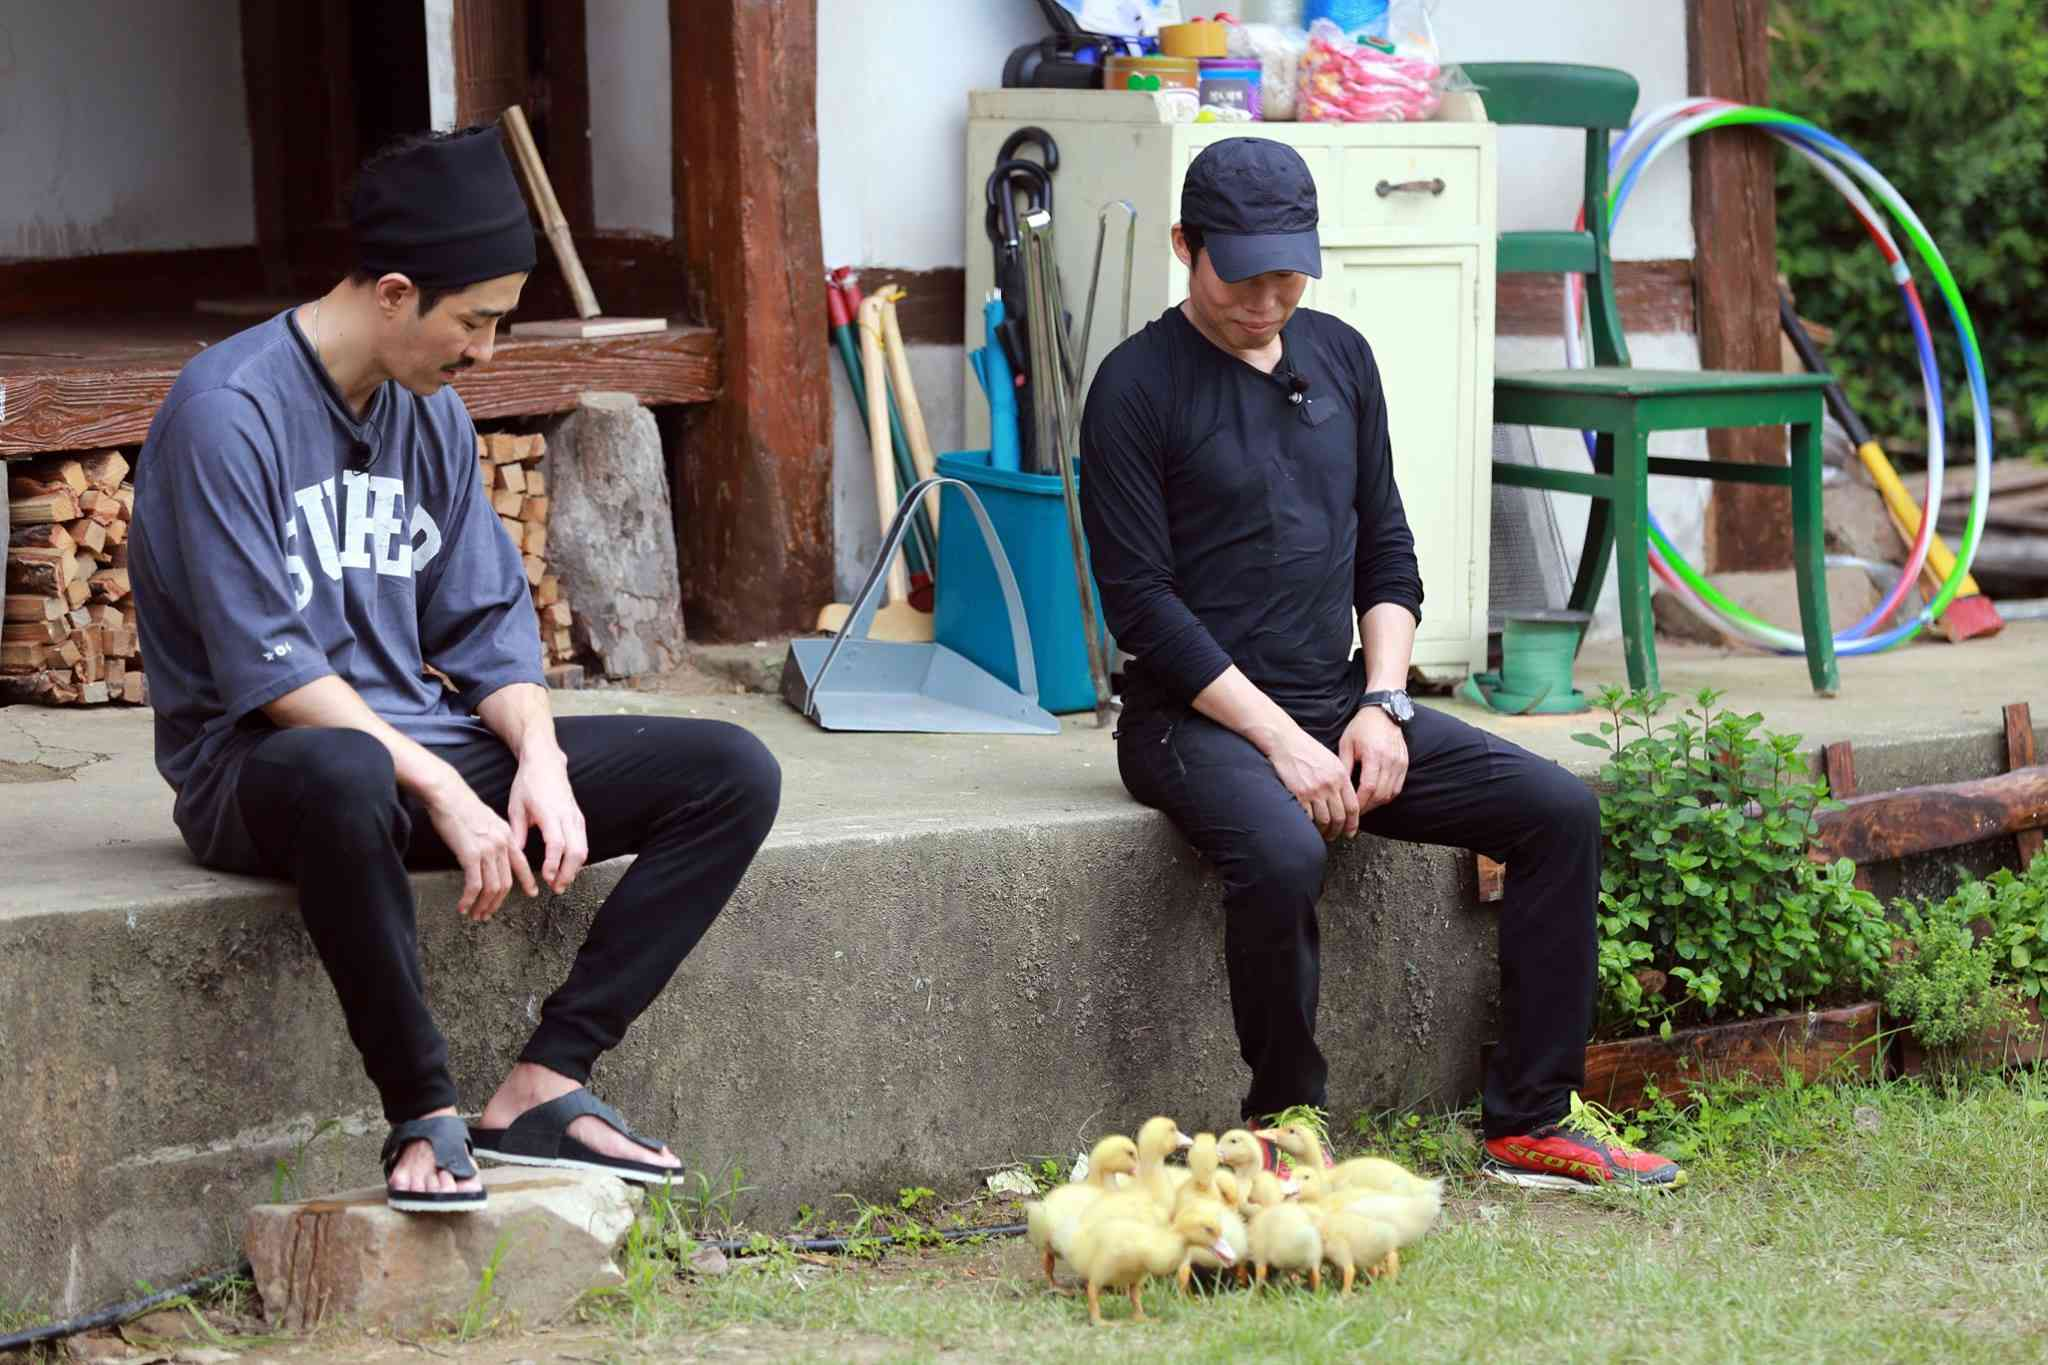 看看他們的表情!!!父愛爆發的表情,雖然有點好笑,但是突然好羨慕那些鴨子.....